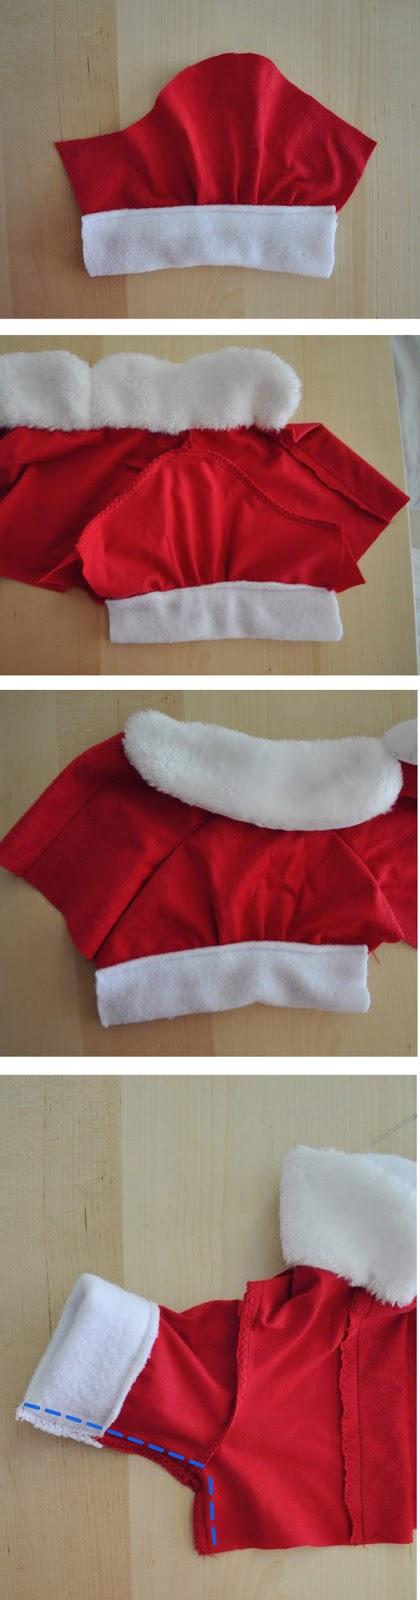 mangas vestido navidad para perro